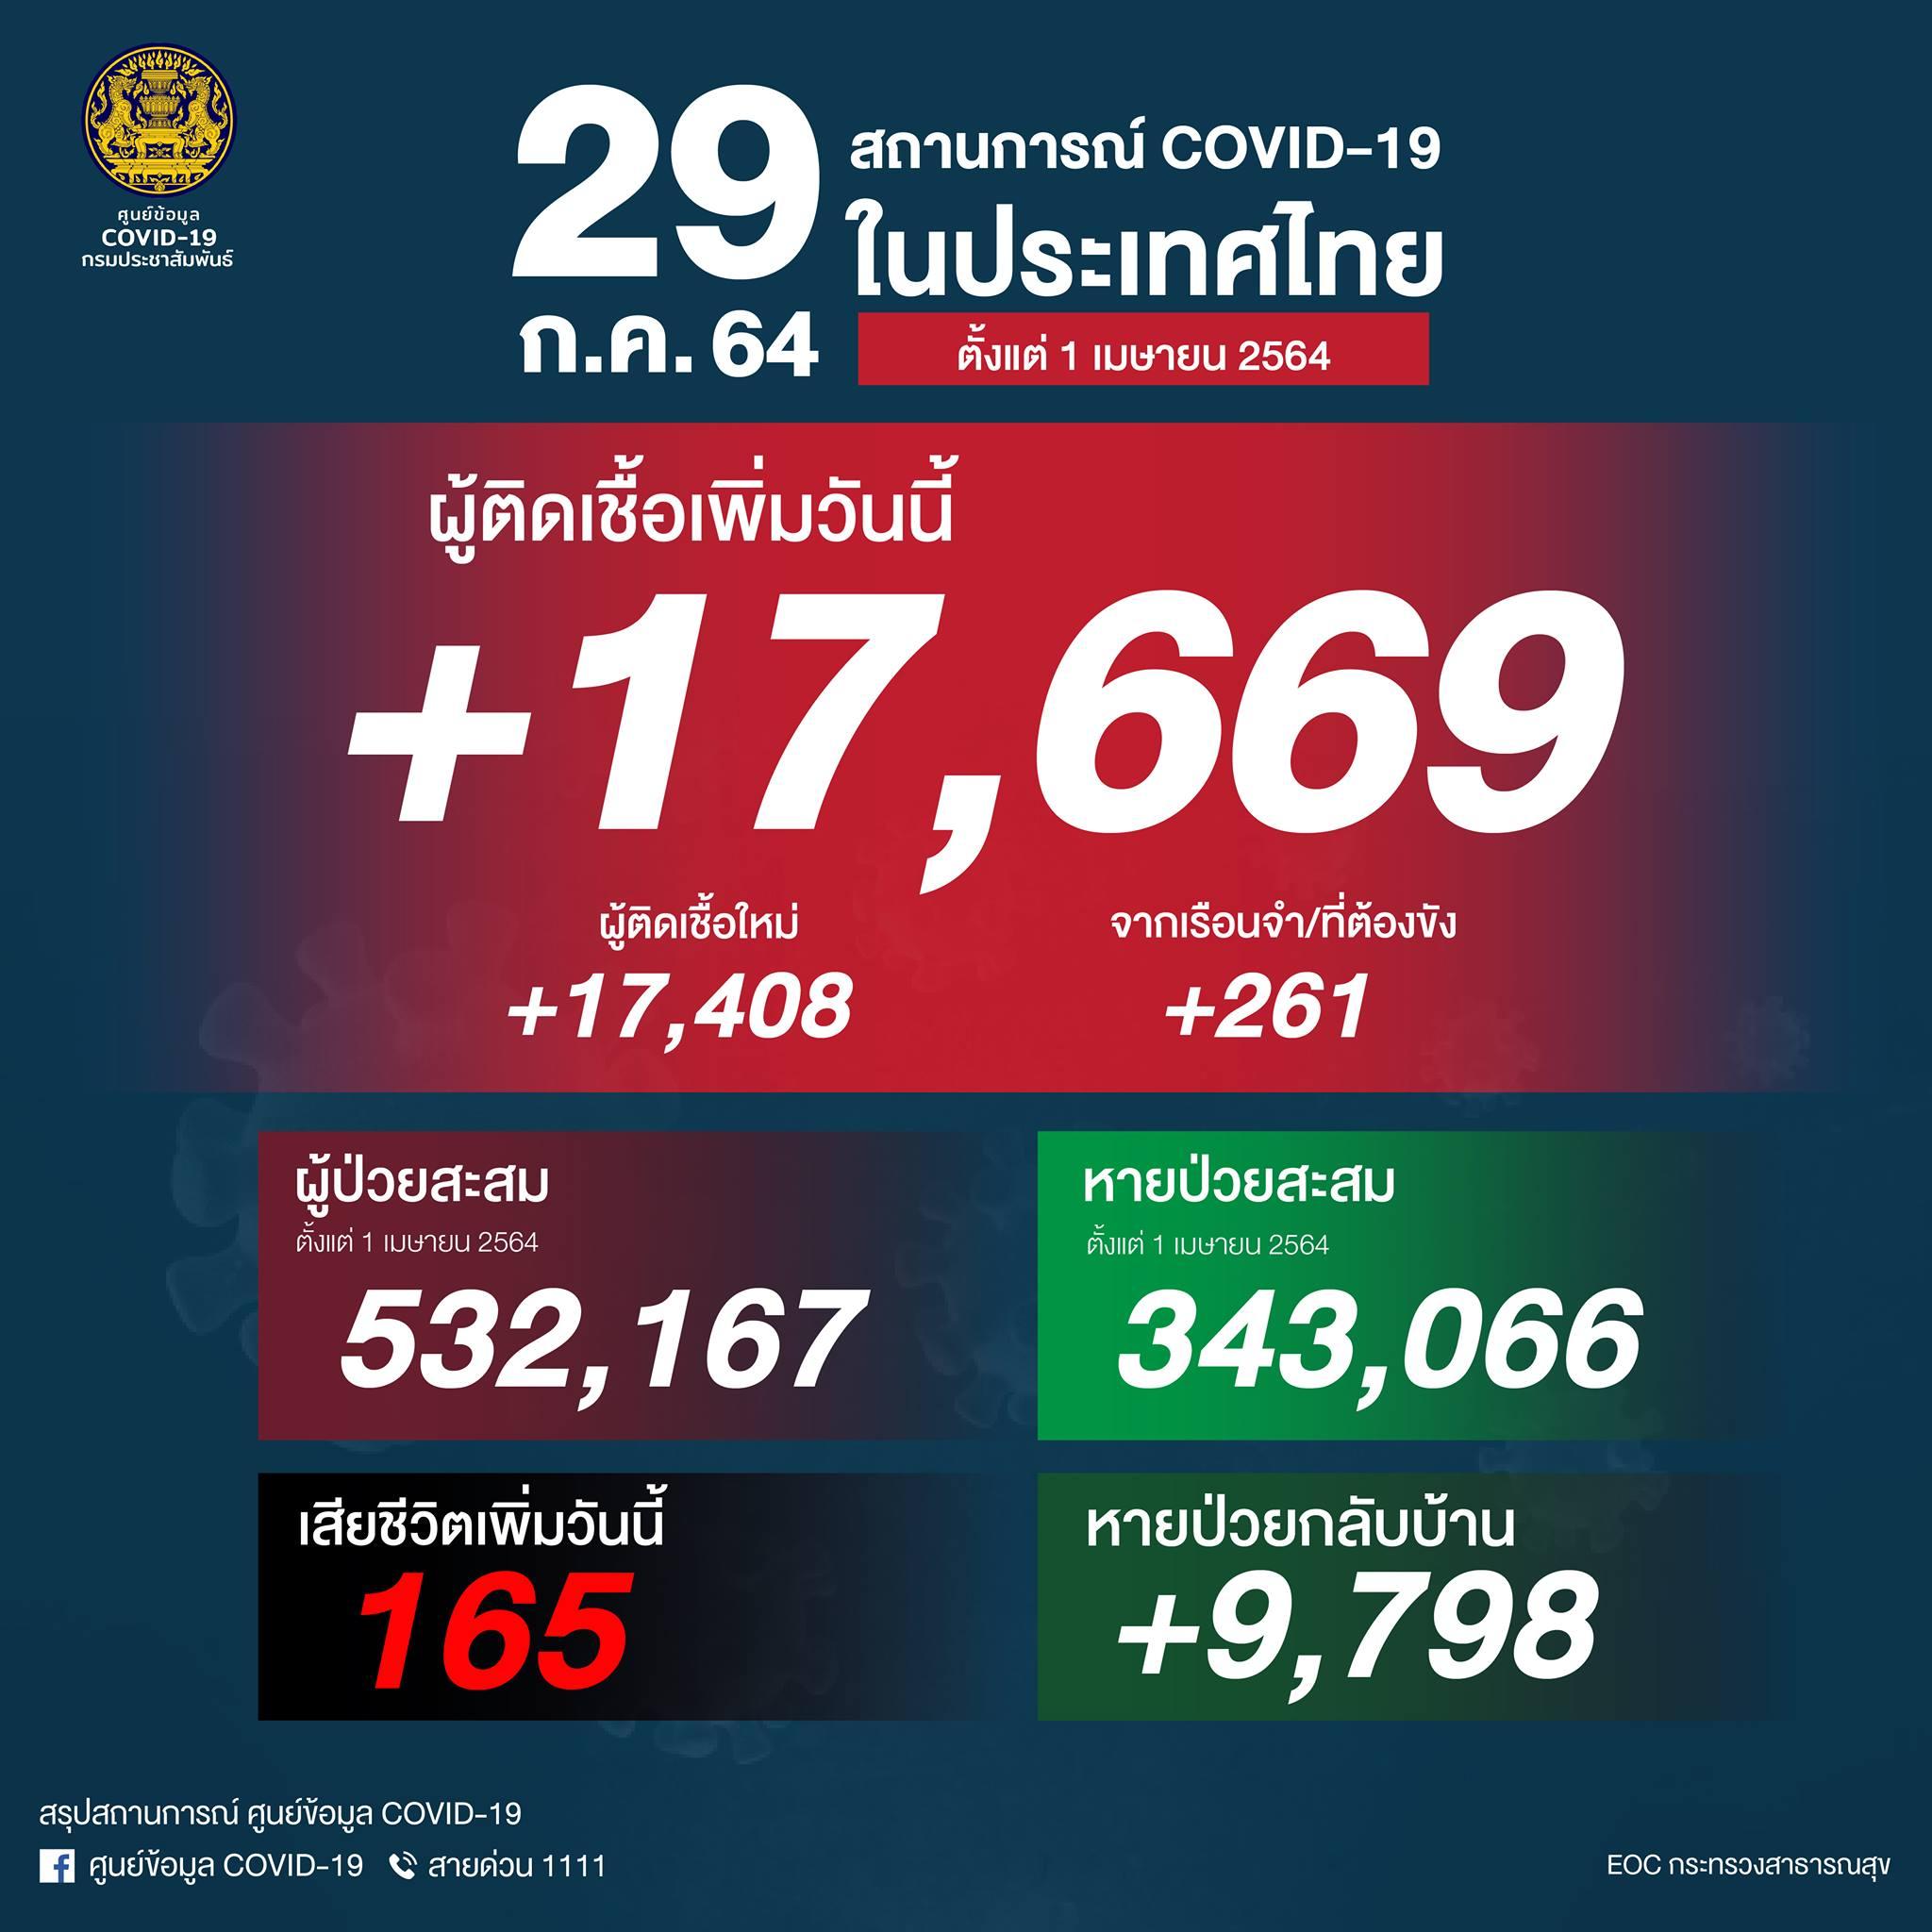 タイ 17,669人陽性で過去最多(刑務所261人)、165人死亡[2021/7/29]